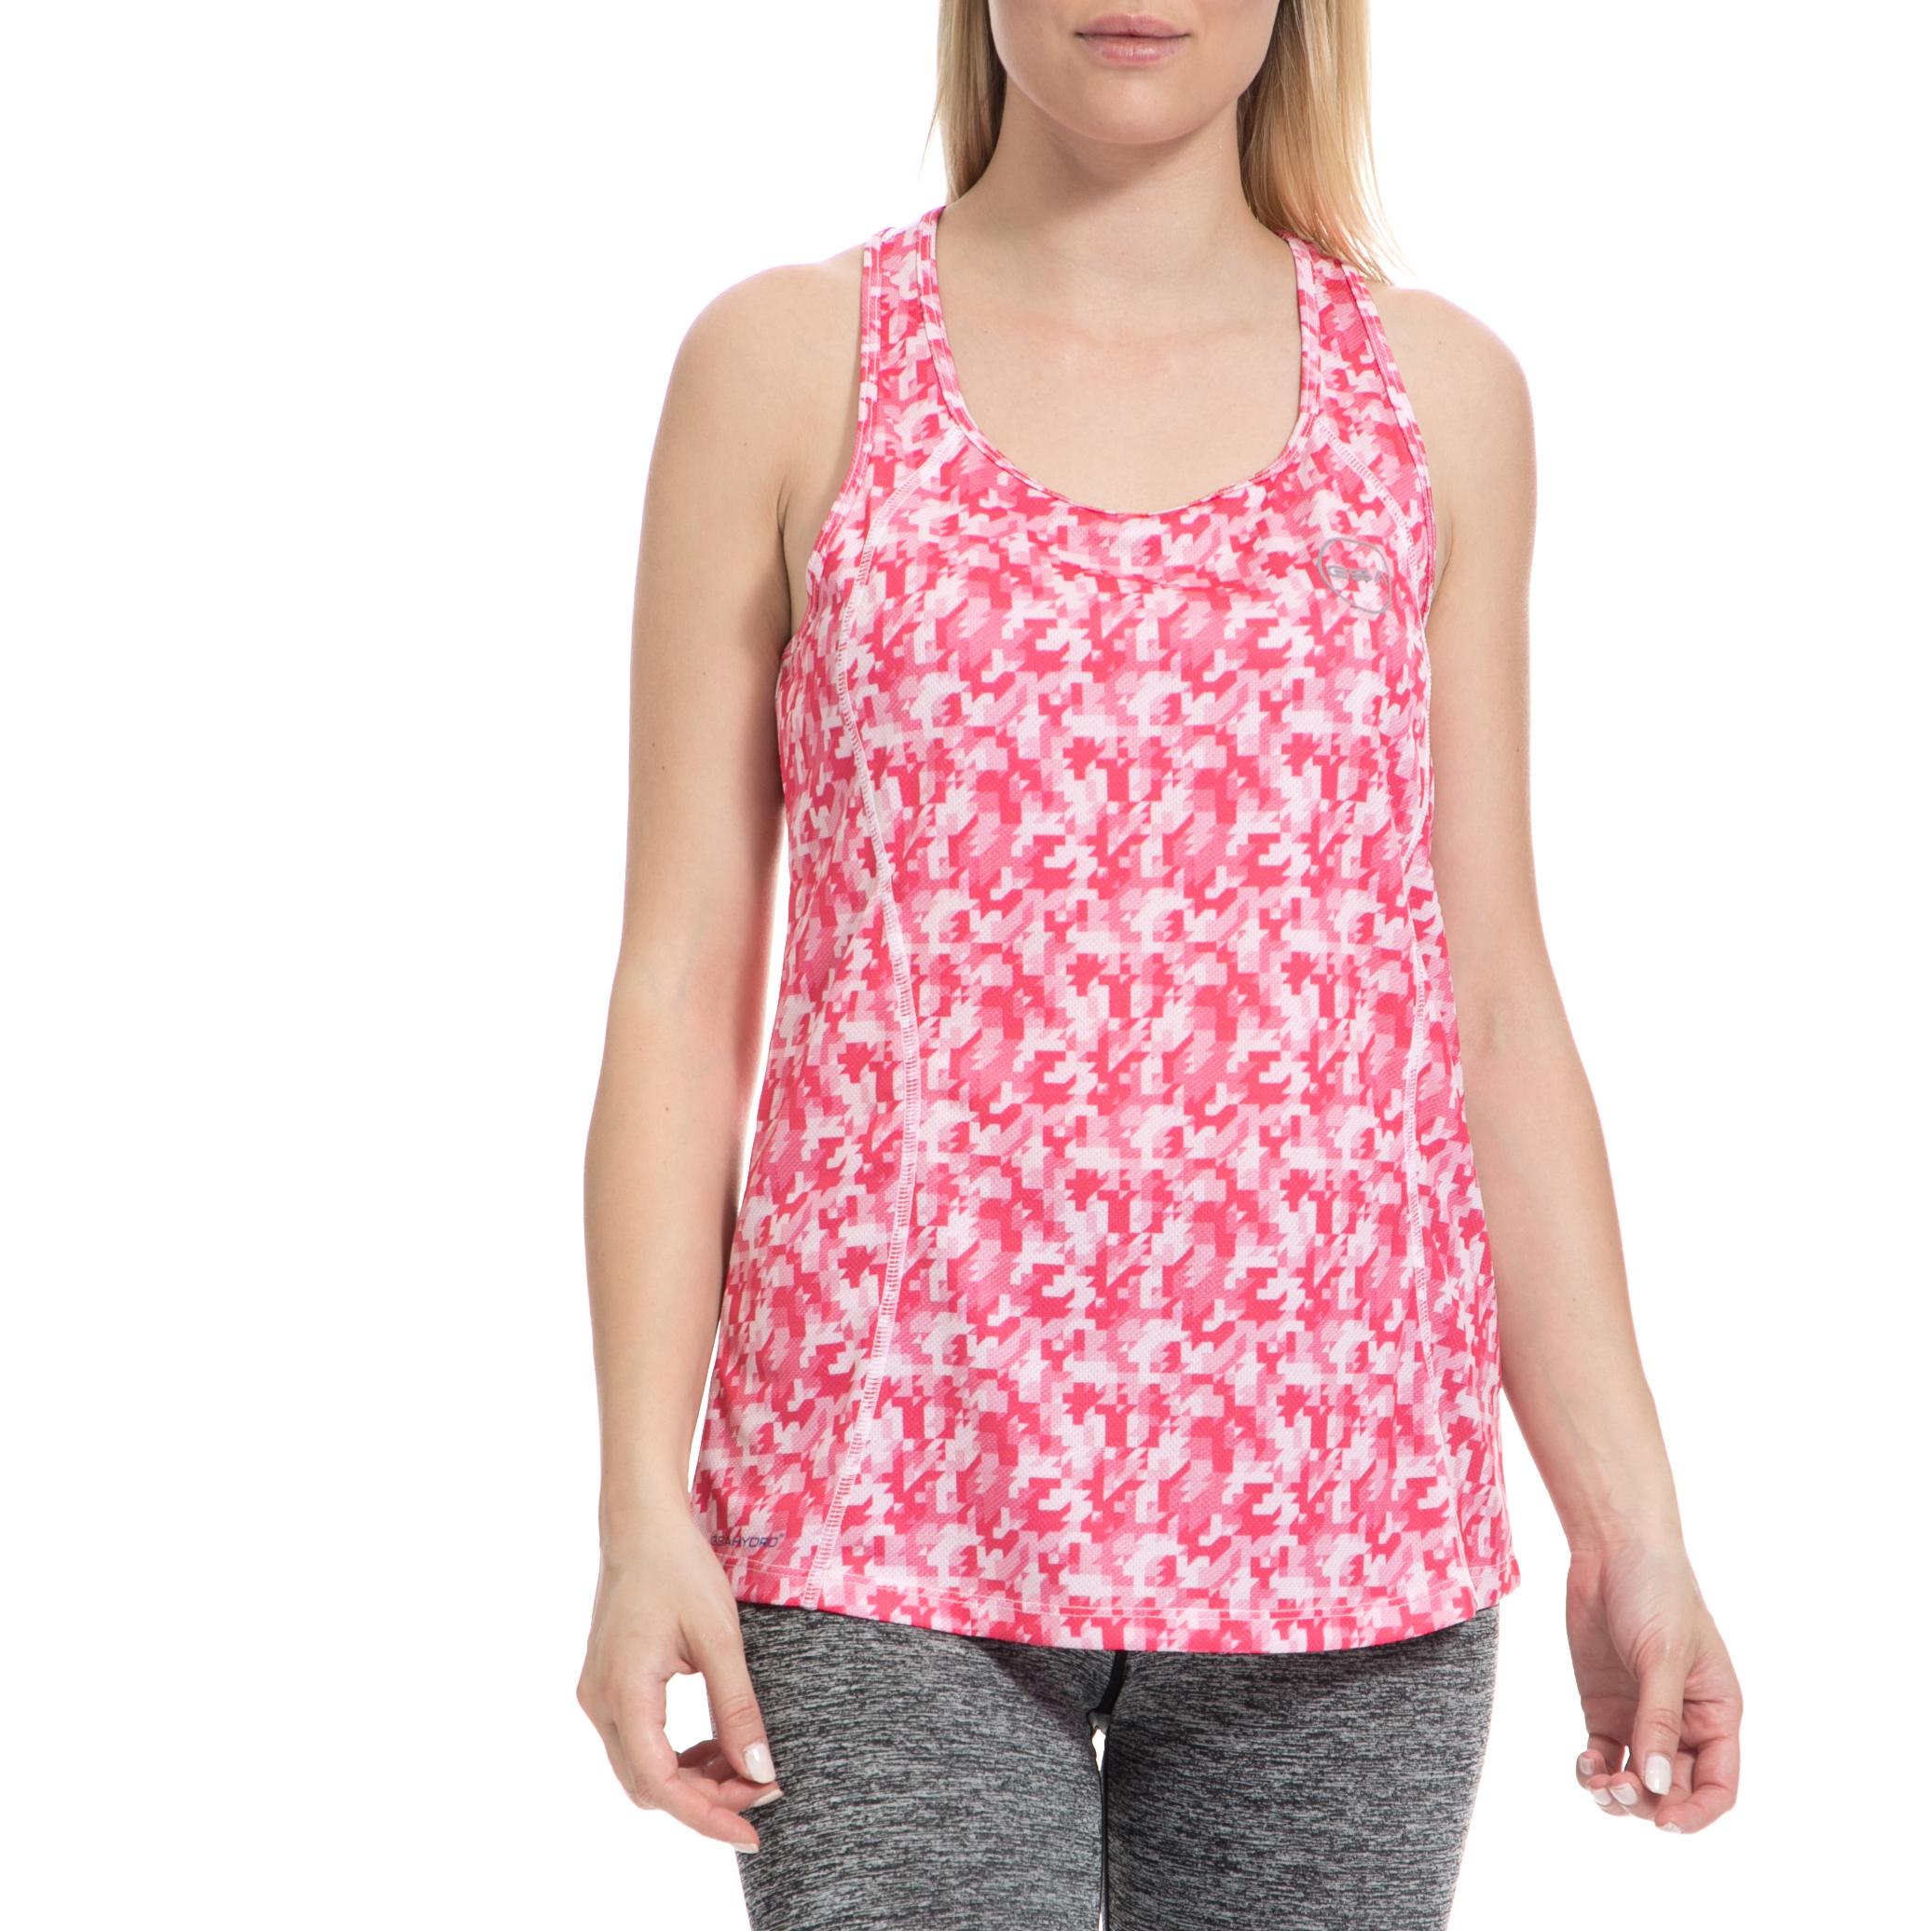 b87dbe918f69 GSA – Γυναικεία μπλούζα GSA ροζ